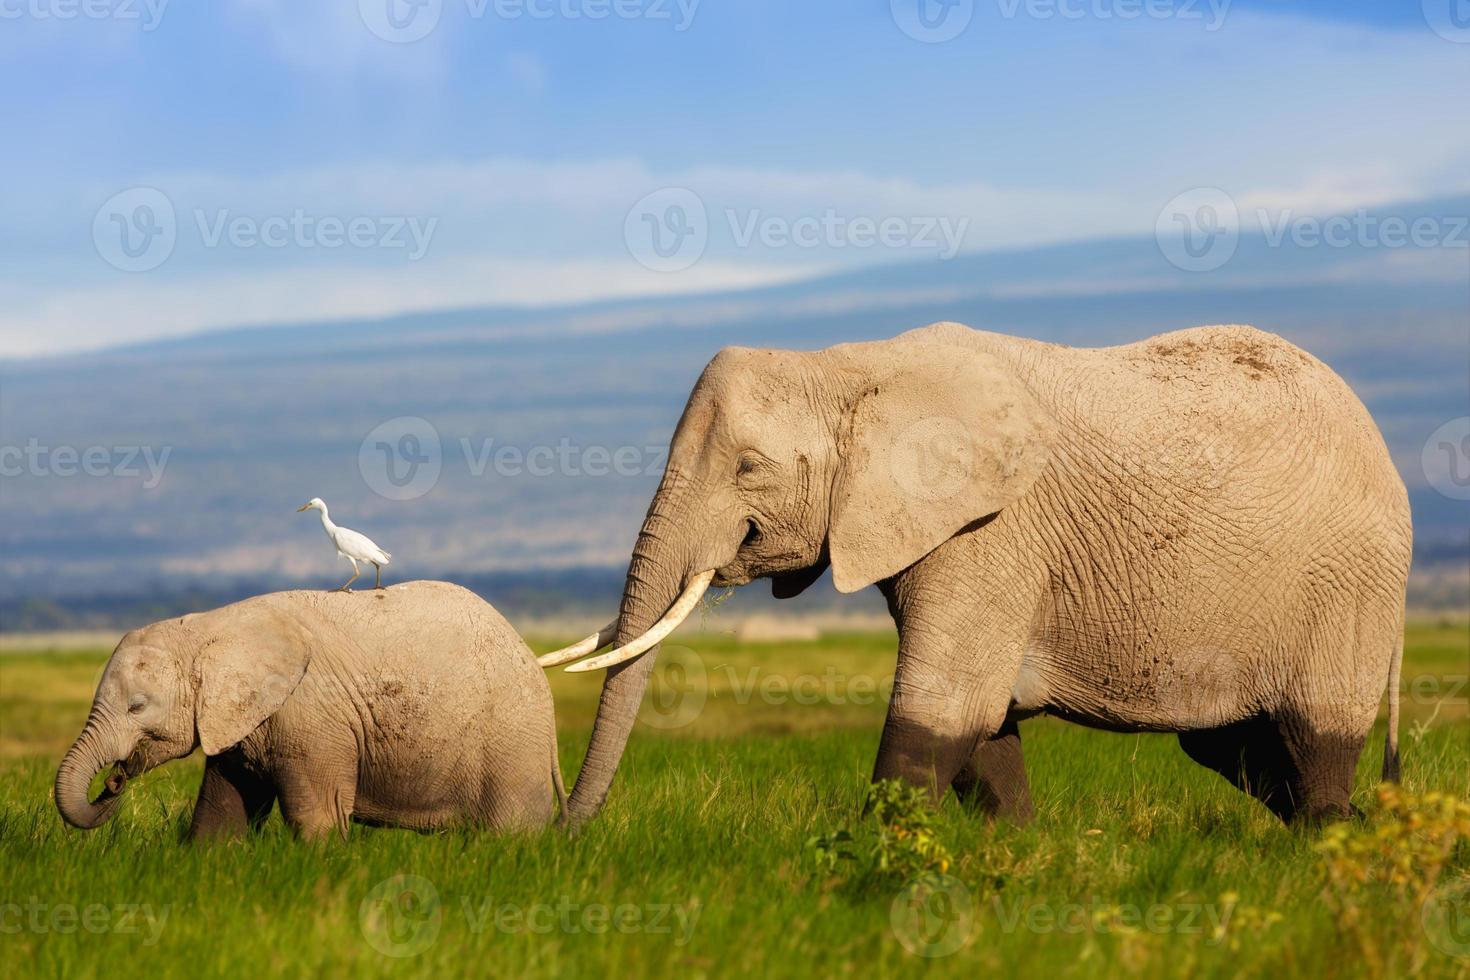 mãe elefante africano com seu bezerro no pântano foto